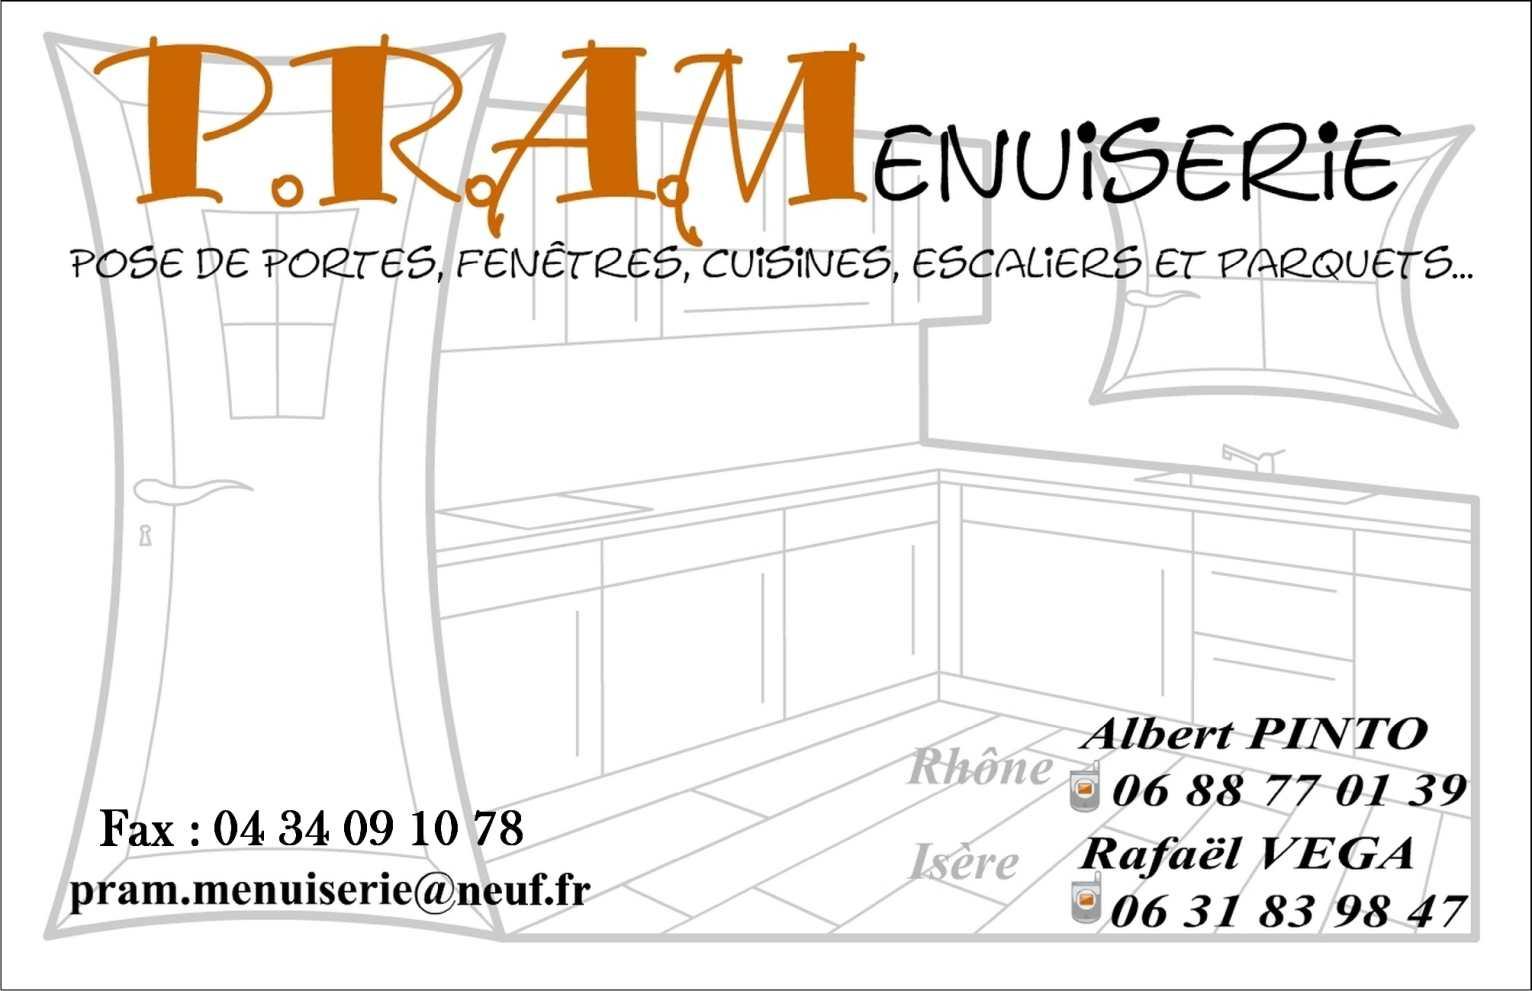 Jean Pascal Publicit Impression De Cartes Visite